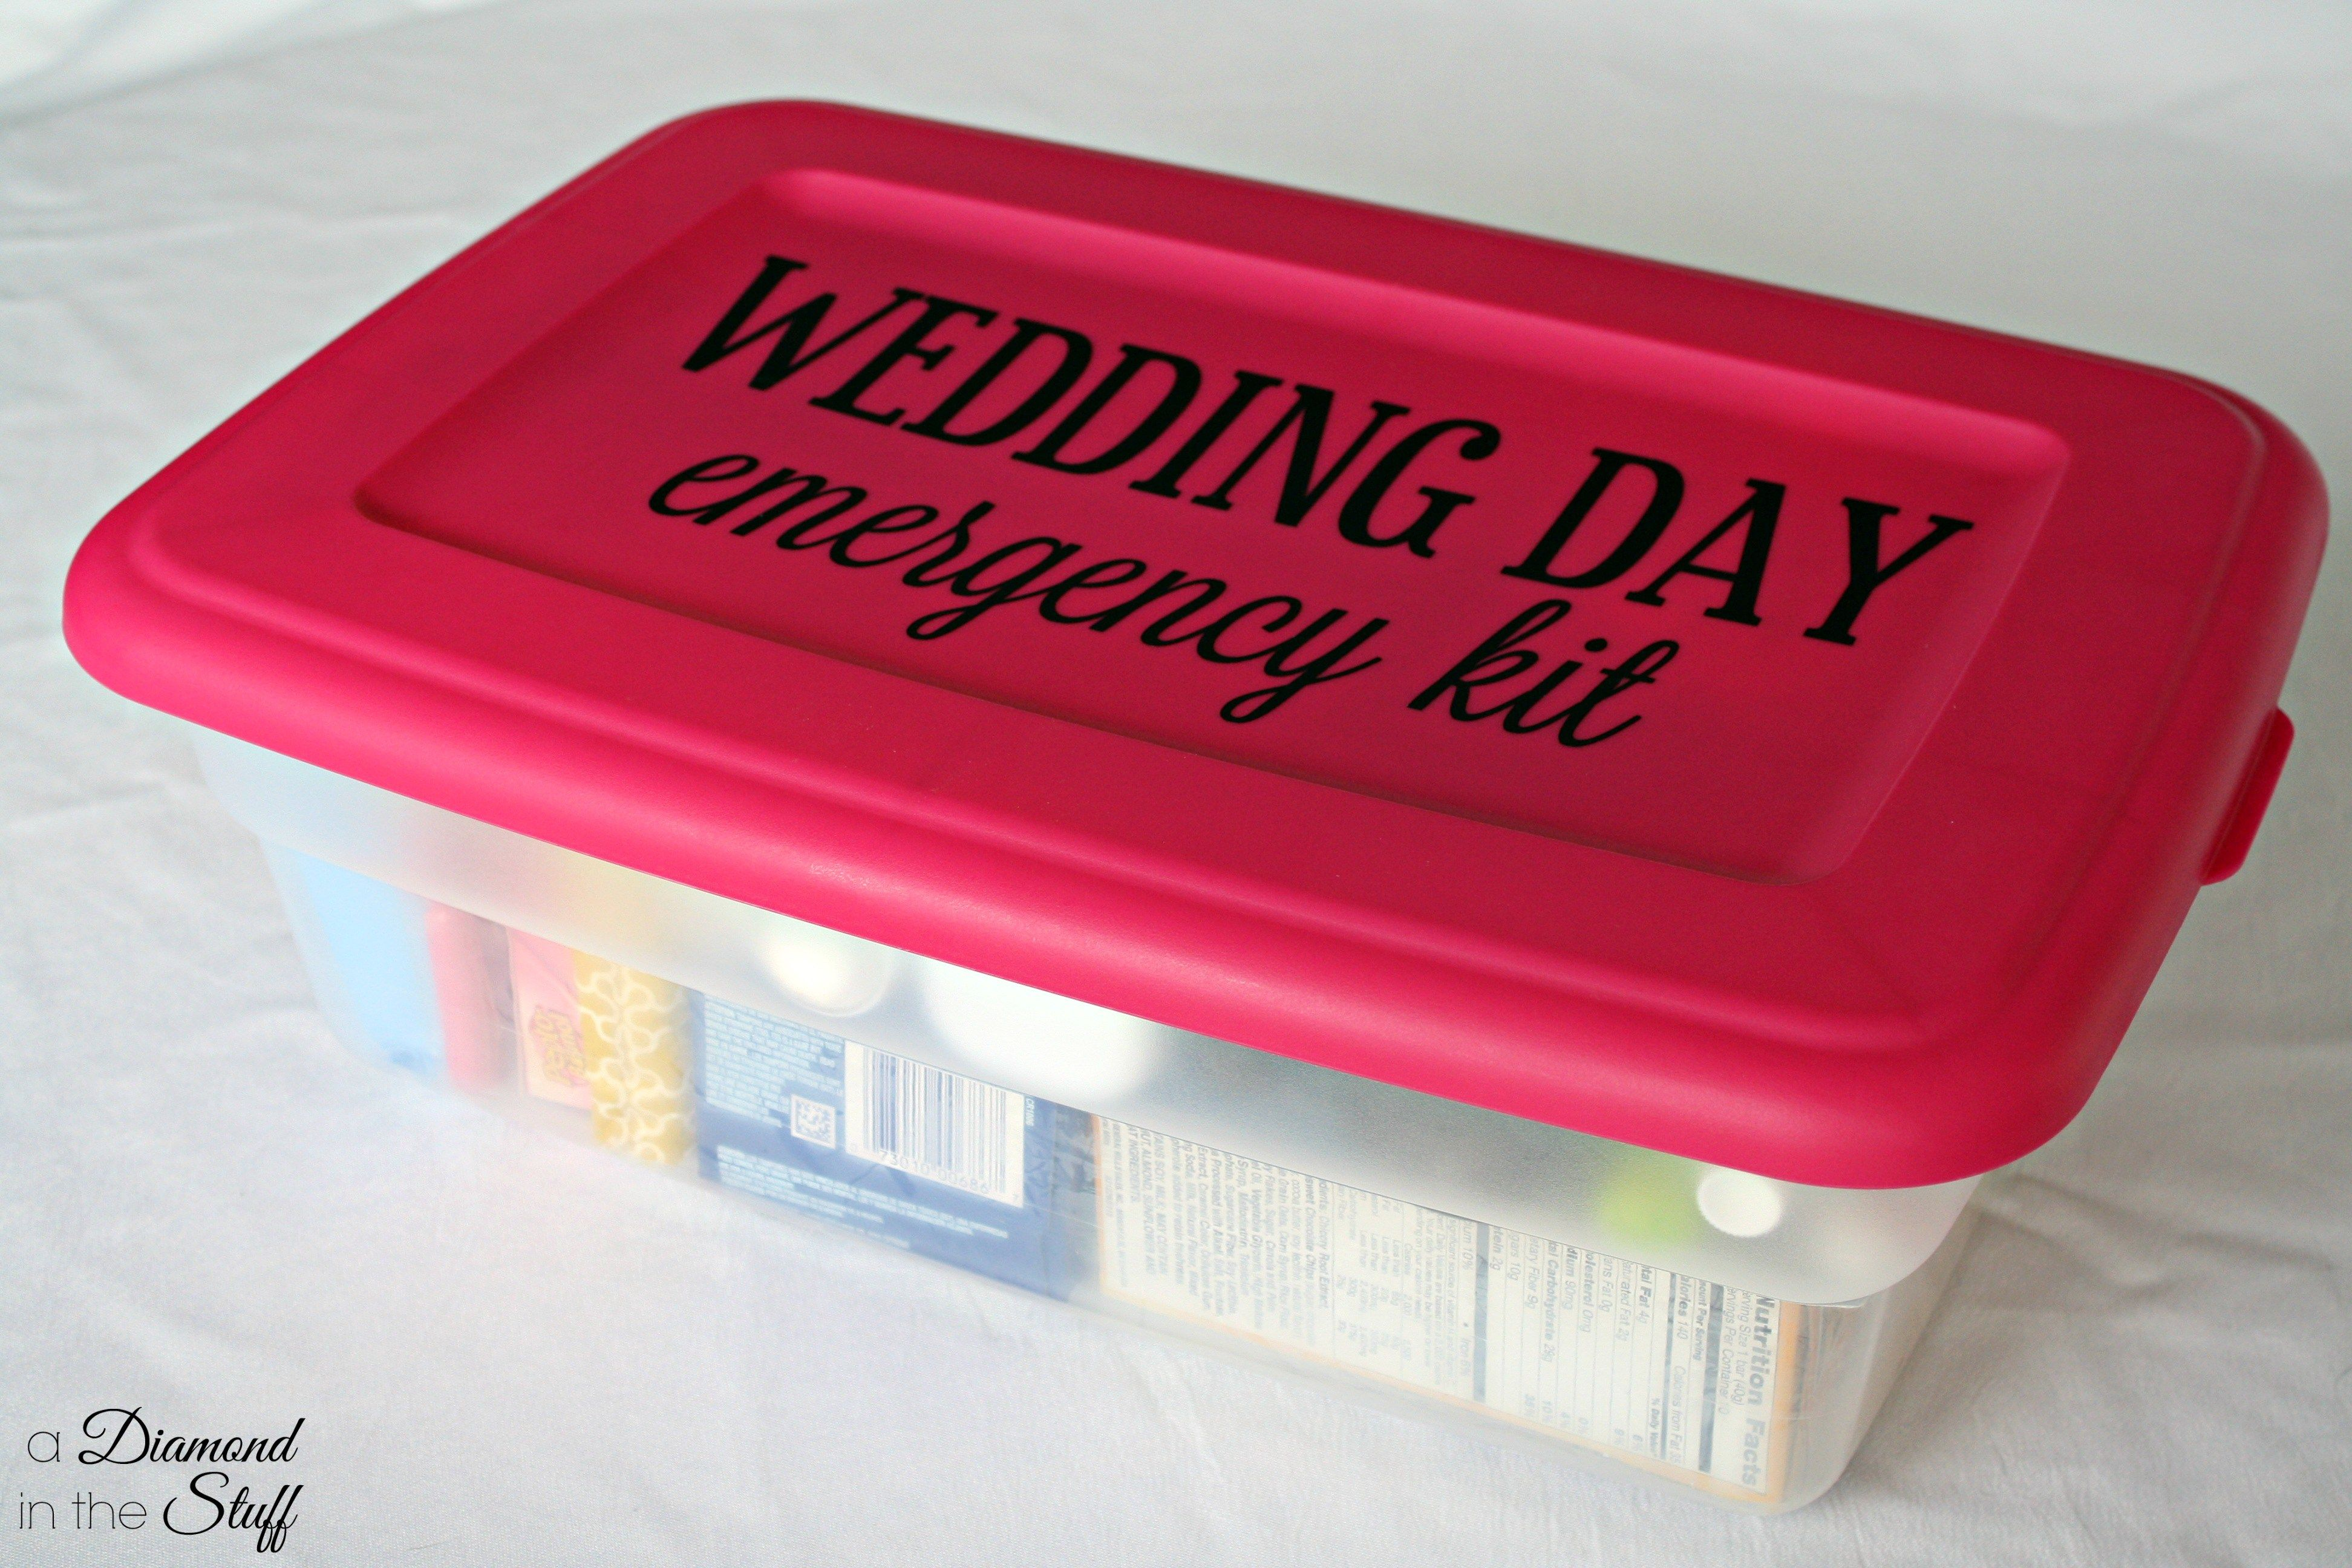 Img 9459 Jpg 3 888 2 592 Pixels Bride Emergency Kit Wedding Emergency Kit Wedding Survival Kits